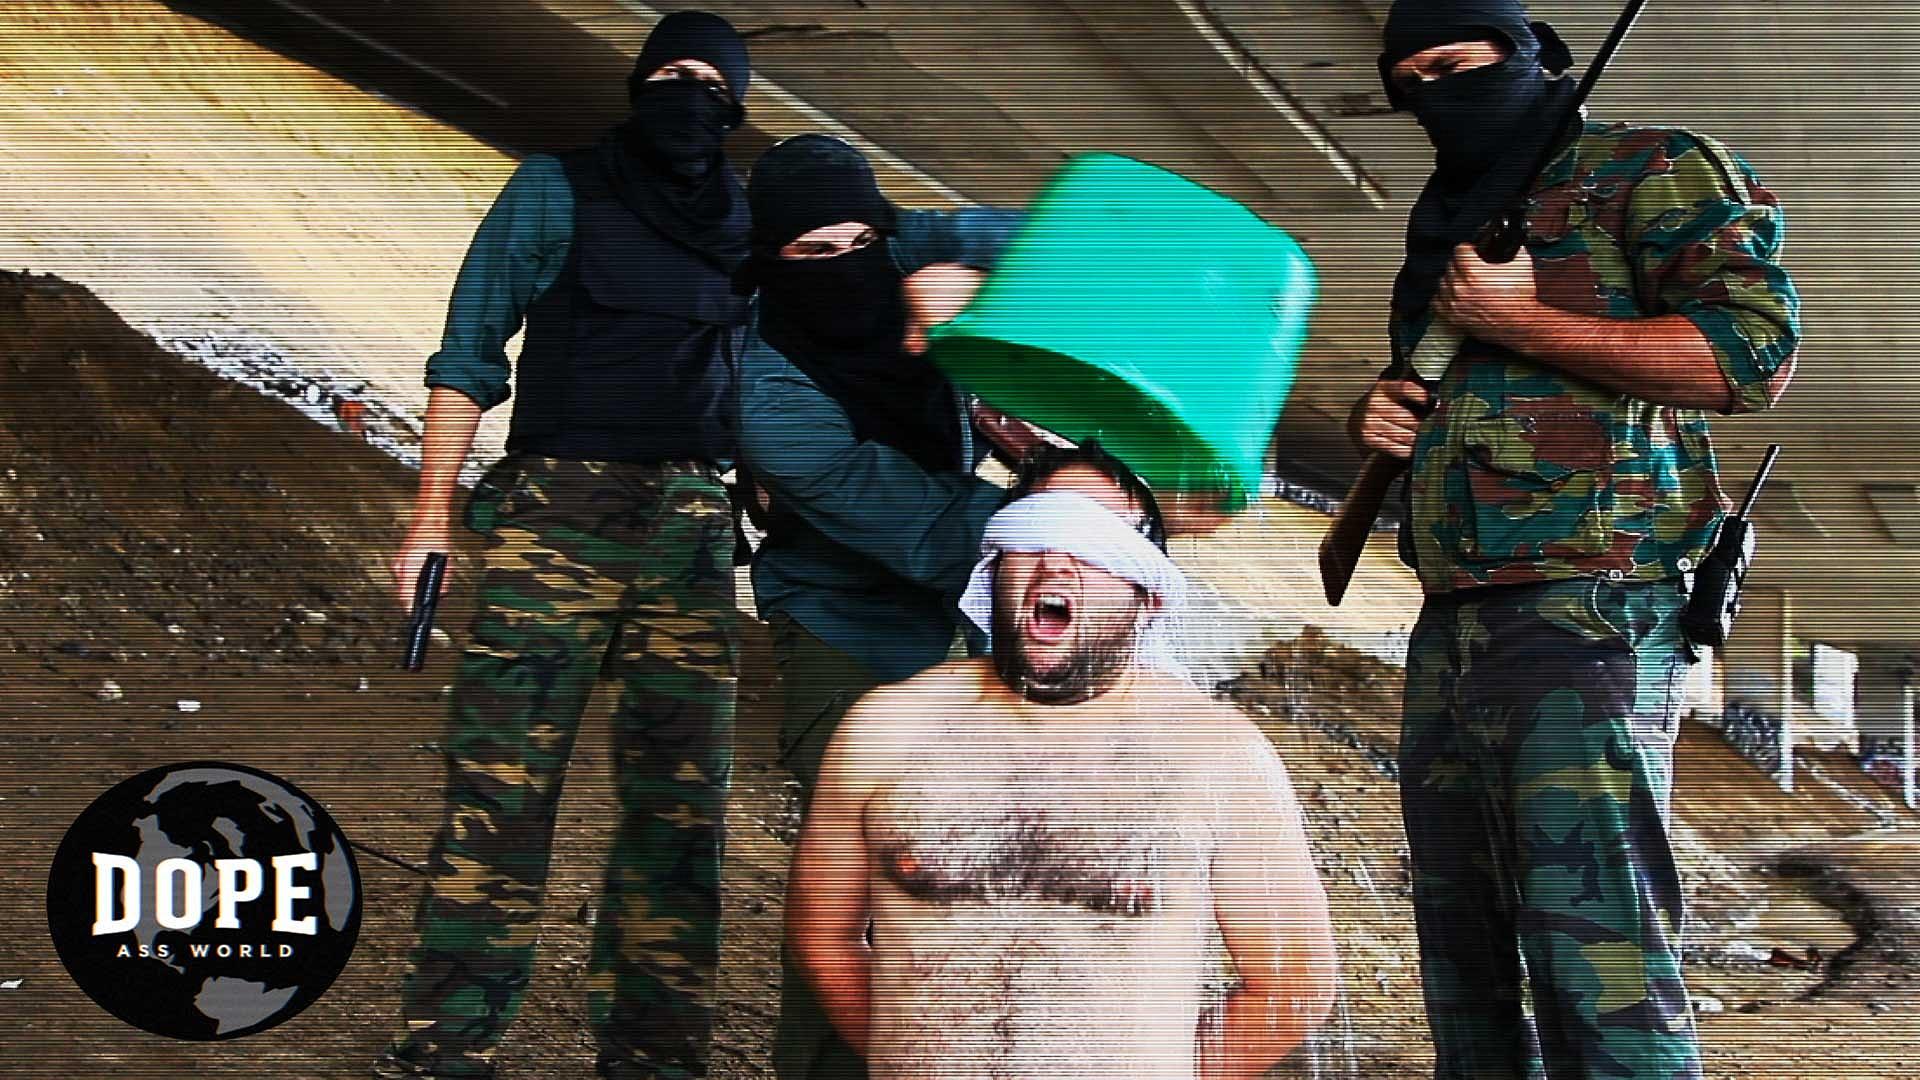 ISIS Bucket Challenge